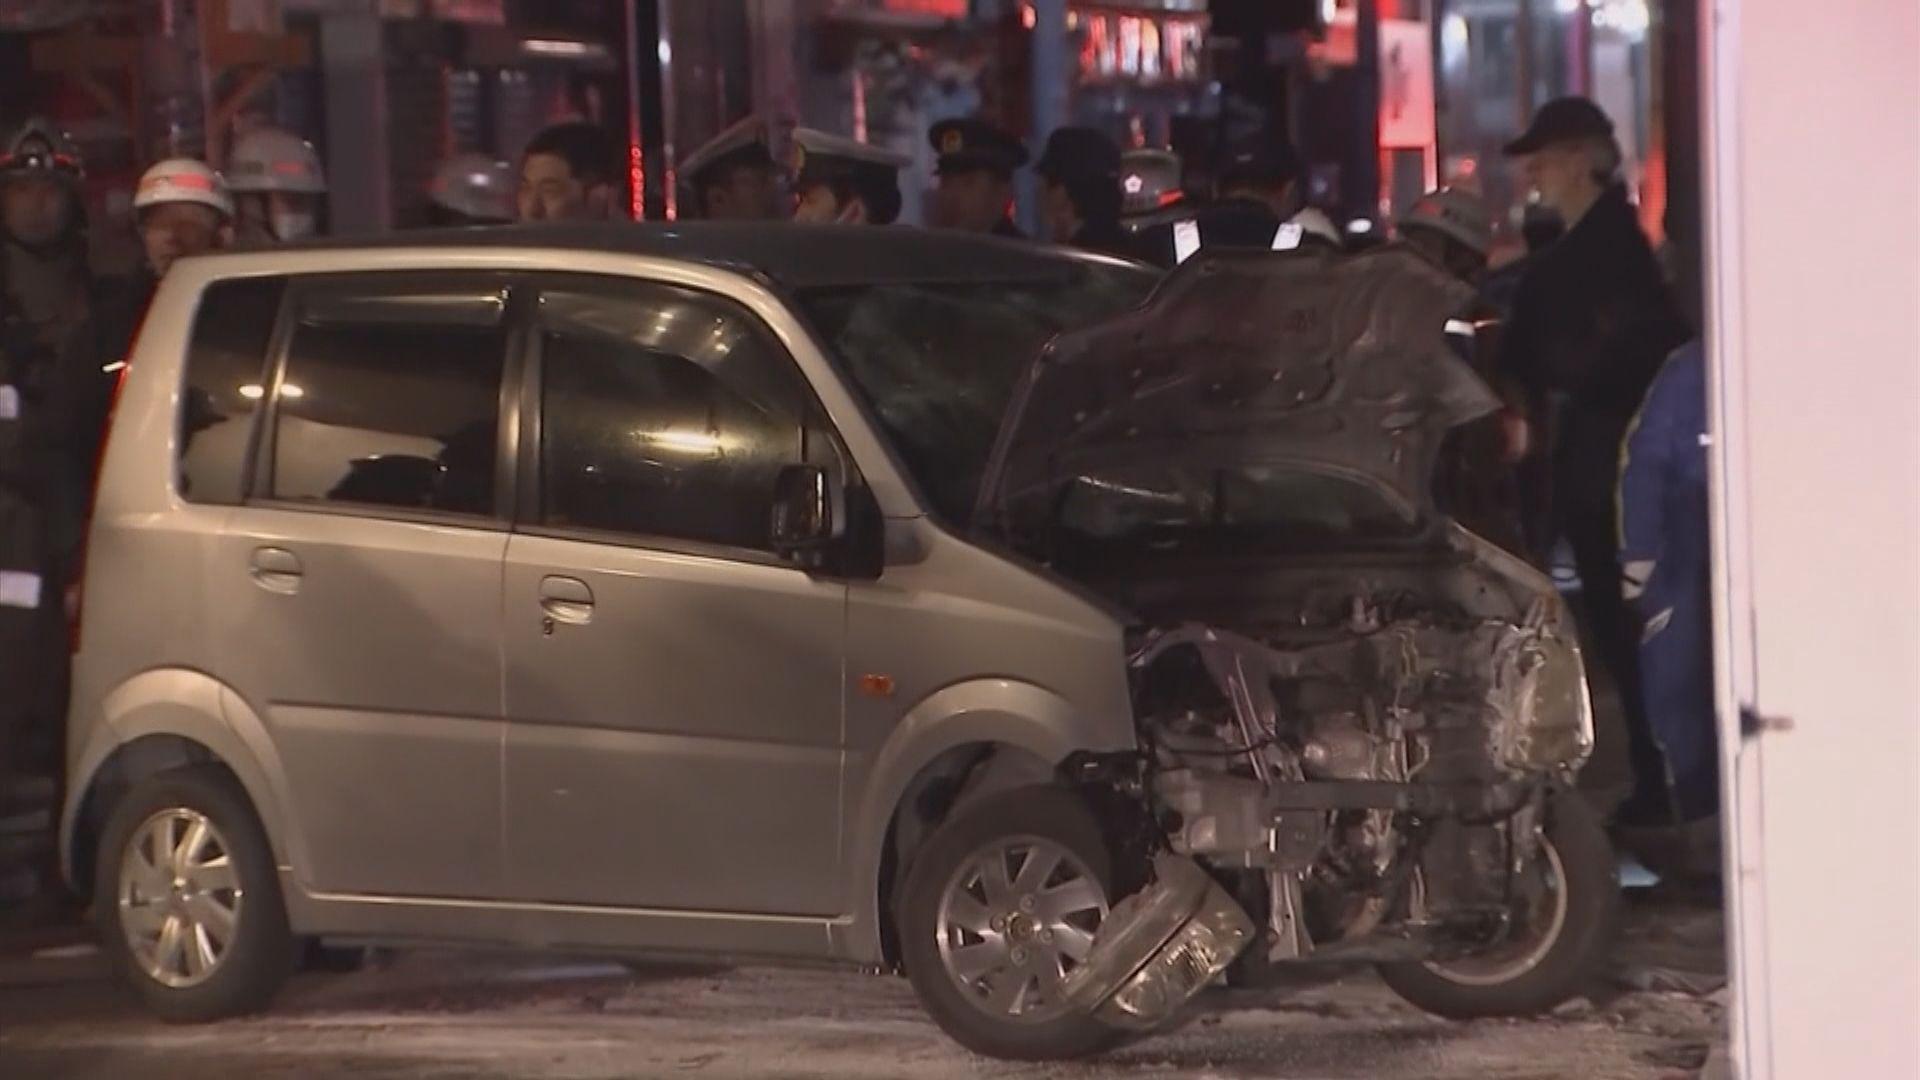 東京汽車撞向人群疑犯一度稱是發動恐襲